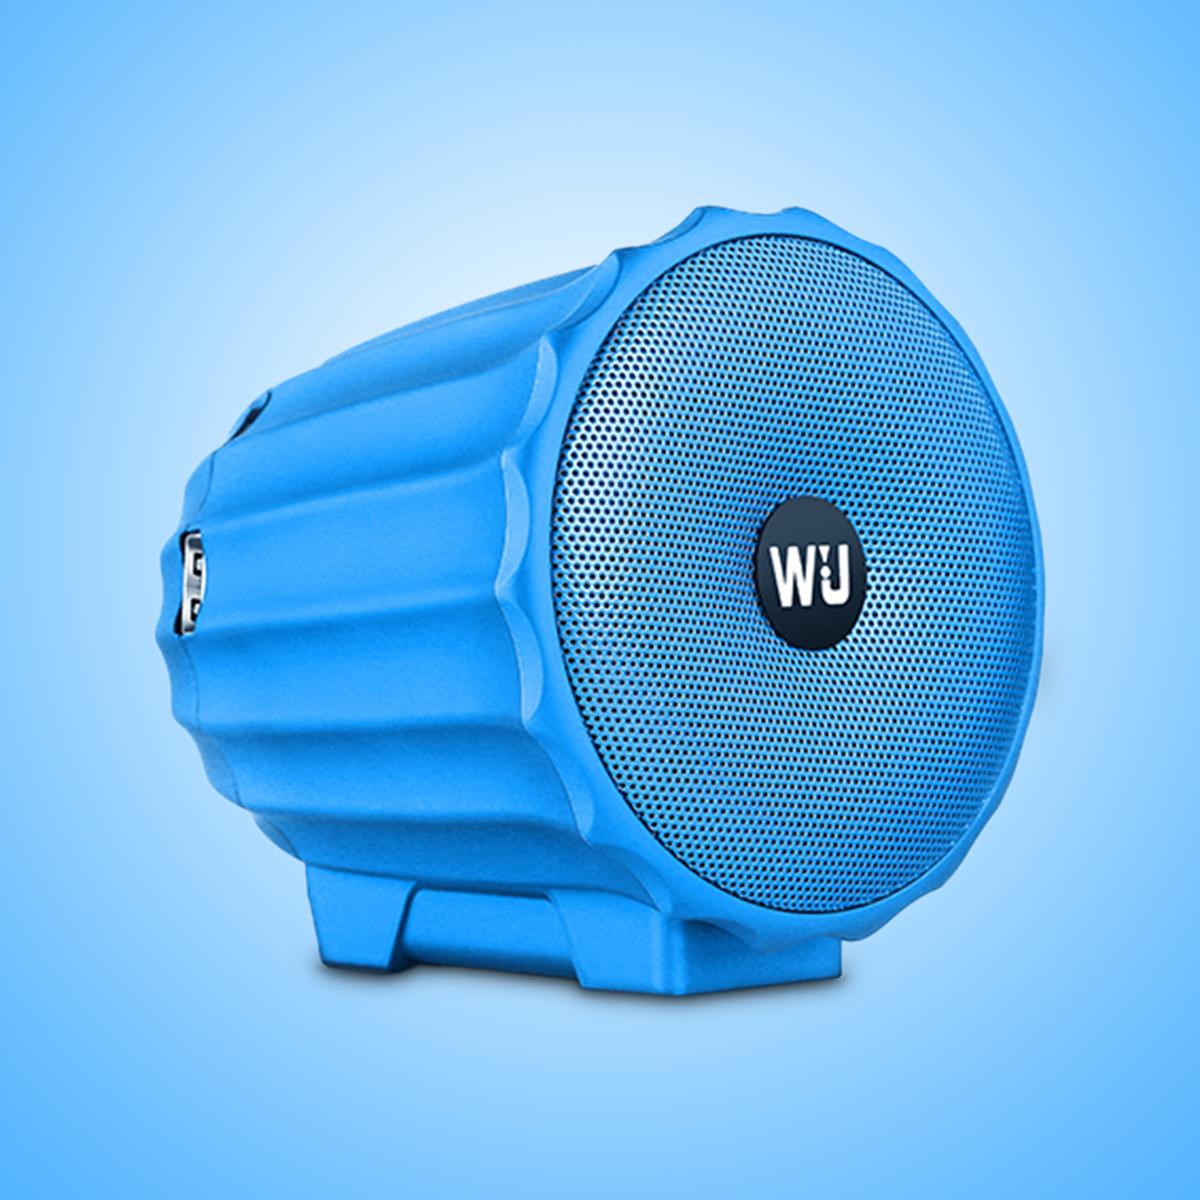 WJ-C9-WL-SPKR-BL